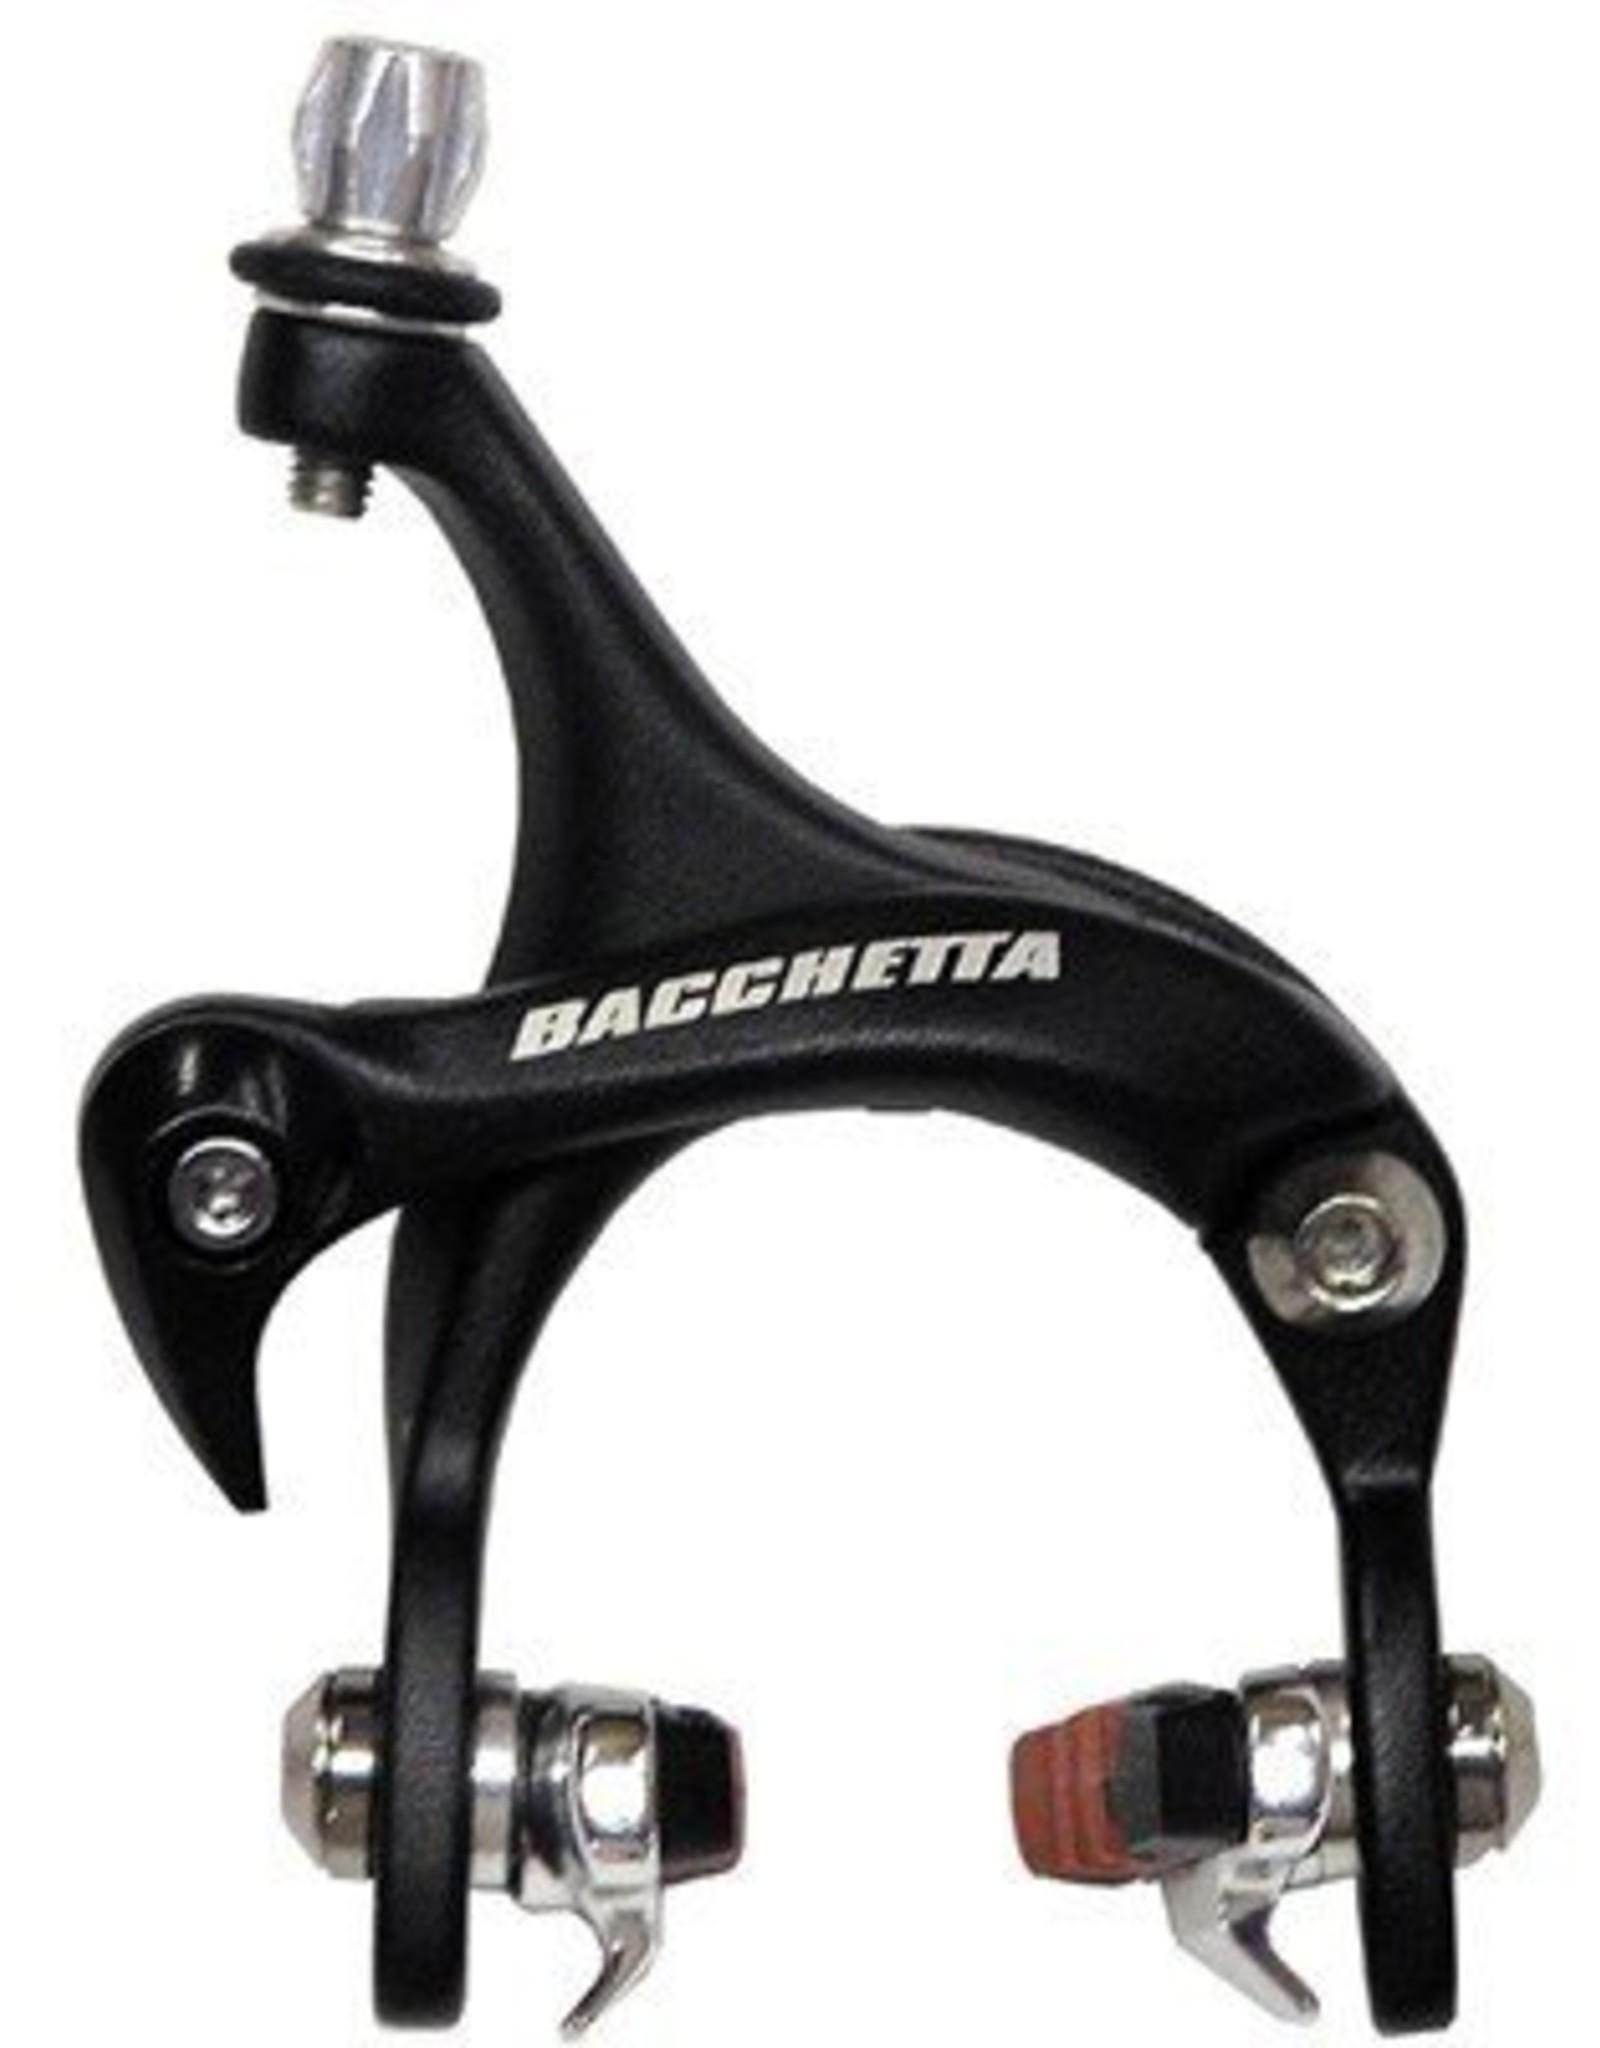 Bacchetta Bacchetta Dual Pivot Brake